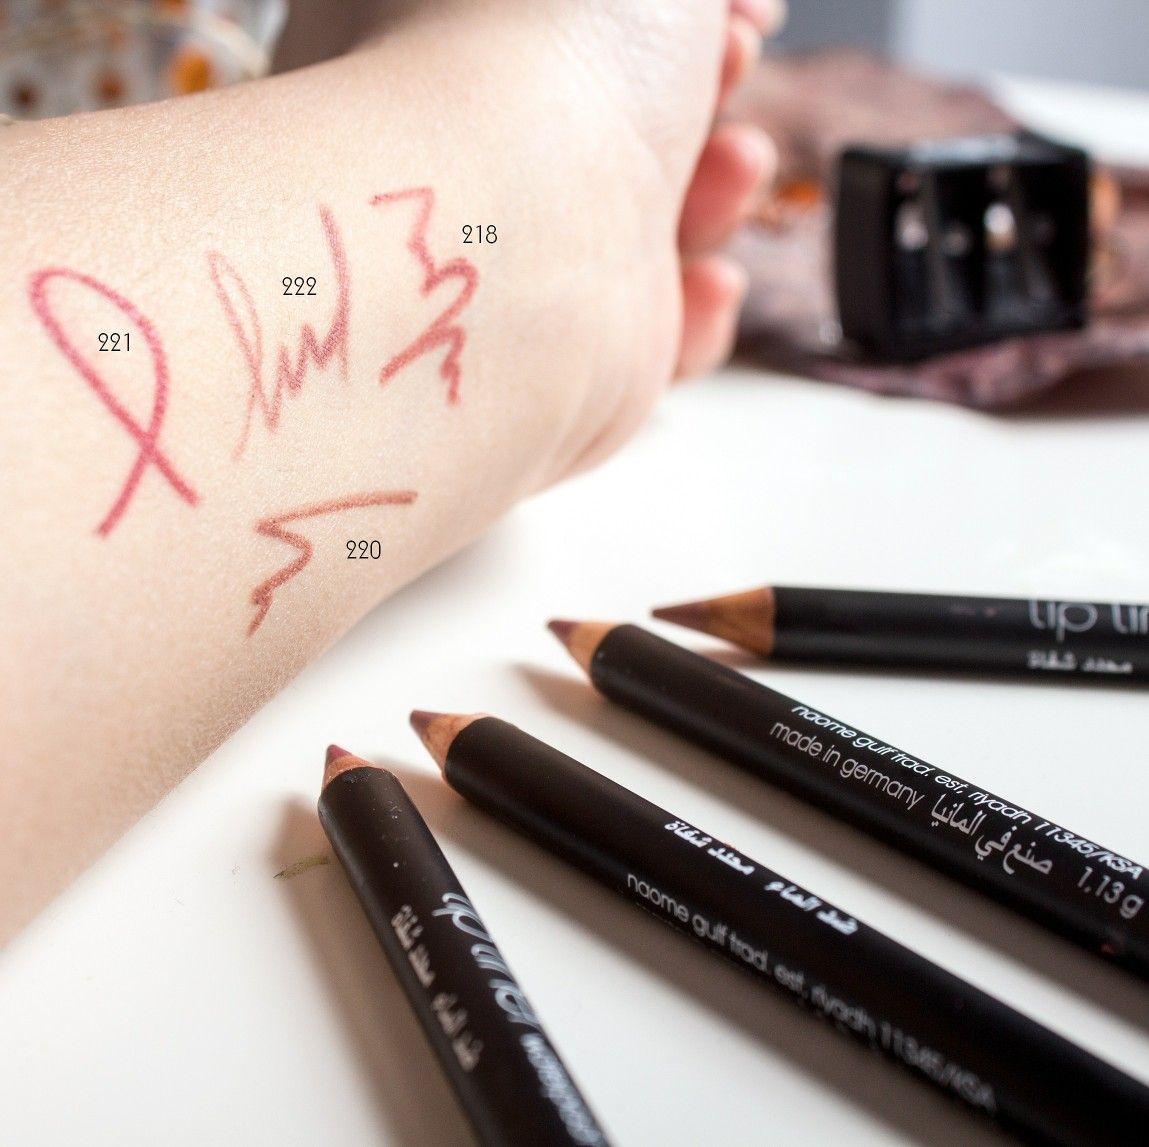 خمس درجات جديده لمحددات ليف الشهيره 218 219 220 221 222 New Collection Lipliner Lef 218 219 220 How To Make Lipstick Beauty